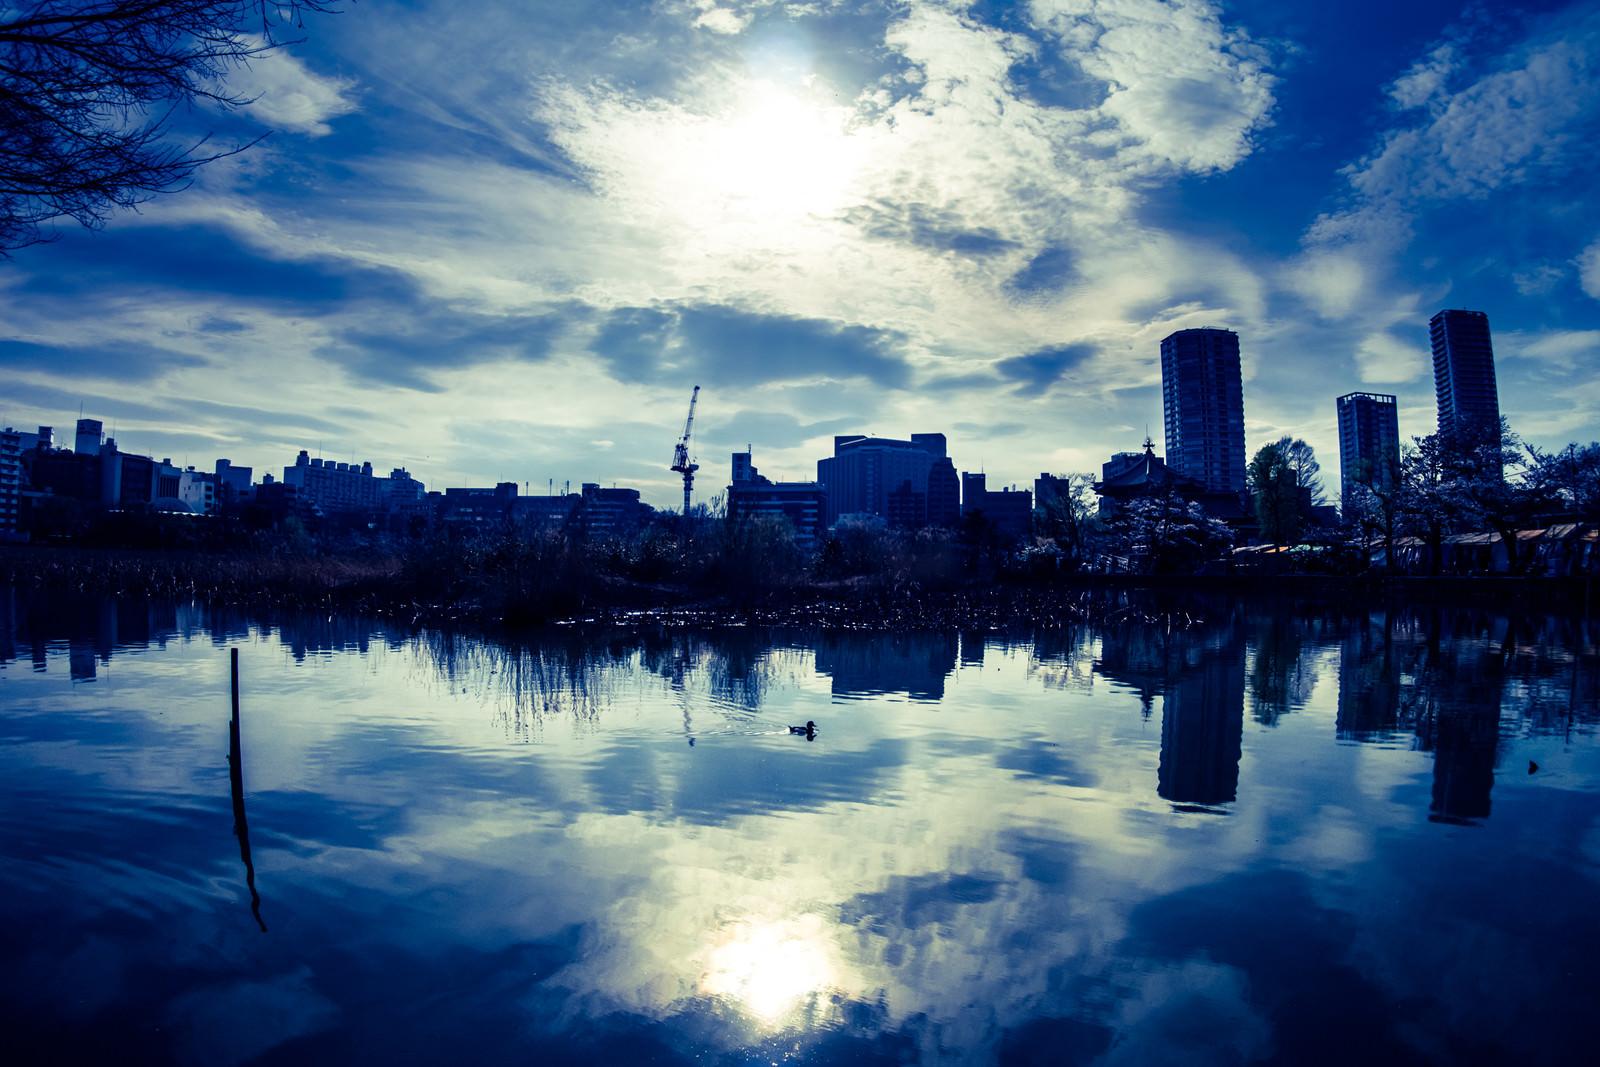 「湖面に映る空と街並み」の写真